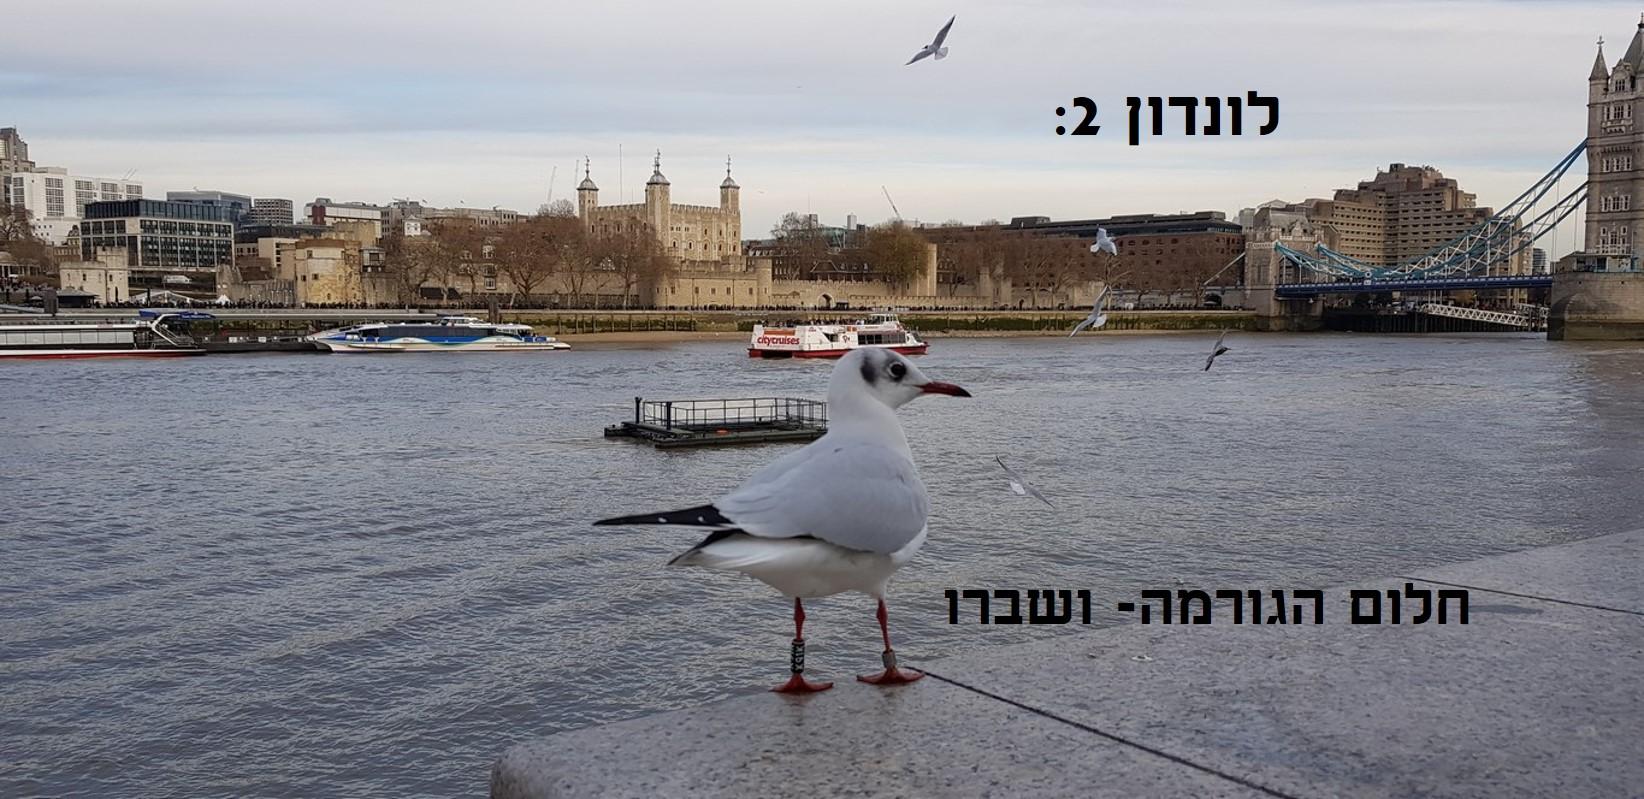 לונדון 2: חלום הגורמה ושיברו ועוד כמה אסונות קטנים